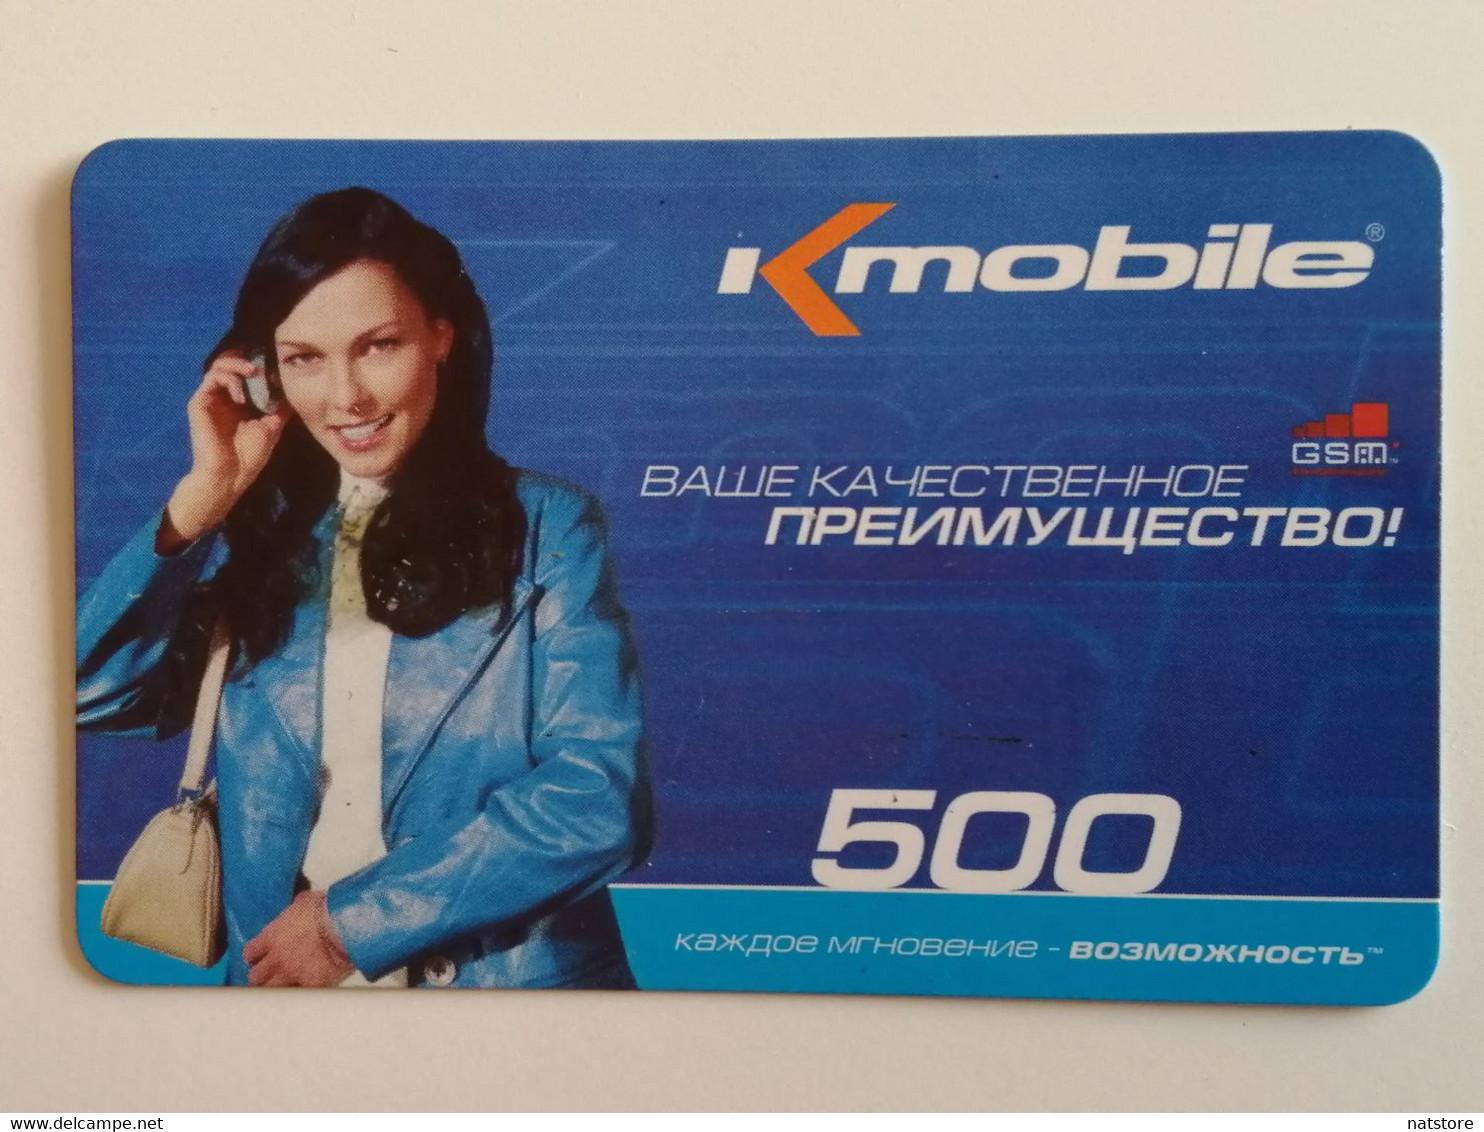 KAZAKHSTAN..PHONECARD..K-MOBILE...500 - Telecom Operators